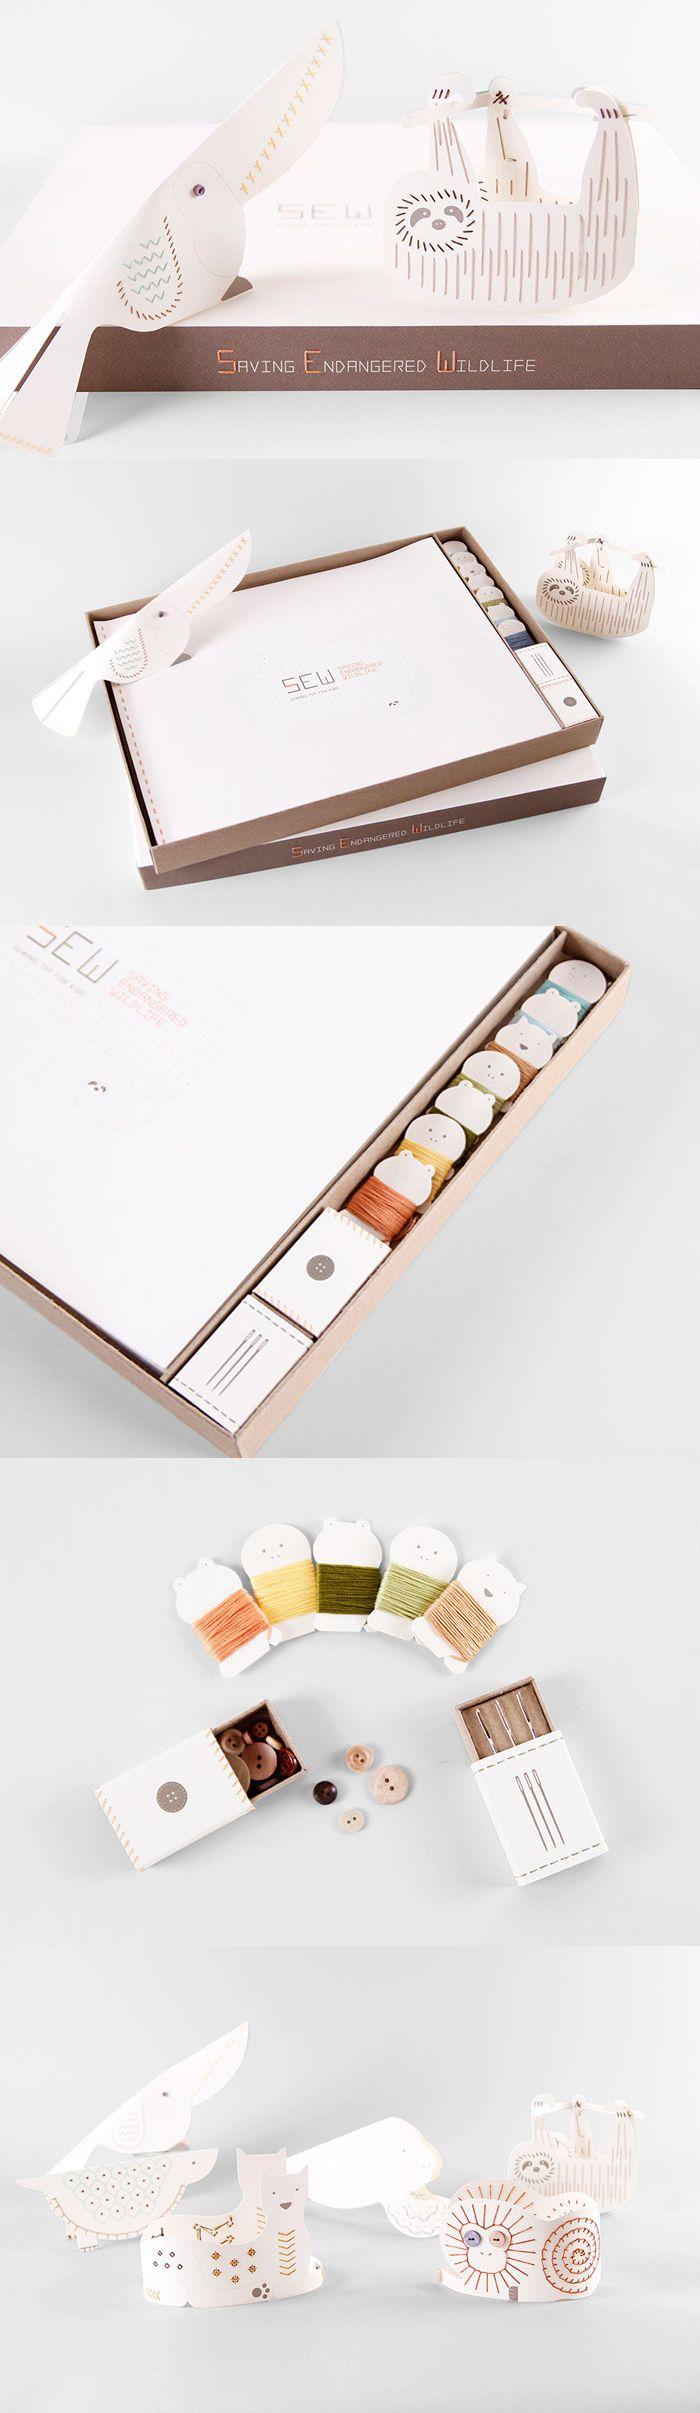 .Too cute packaging PD